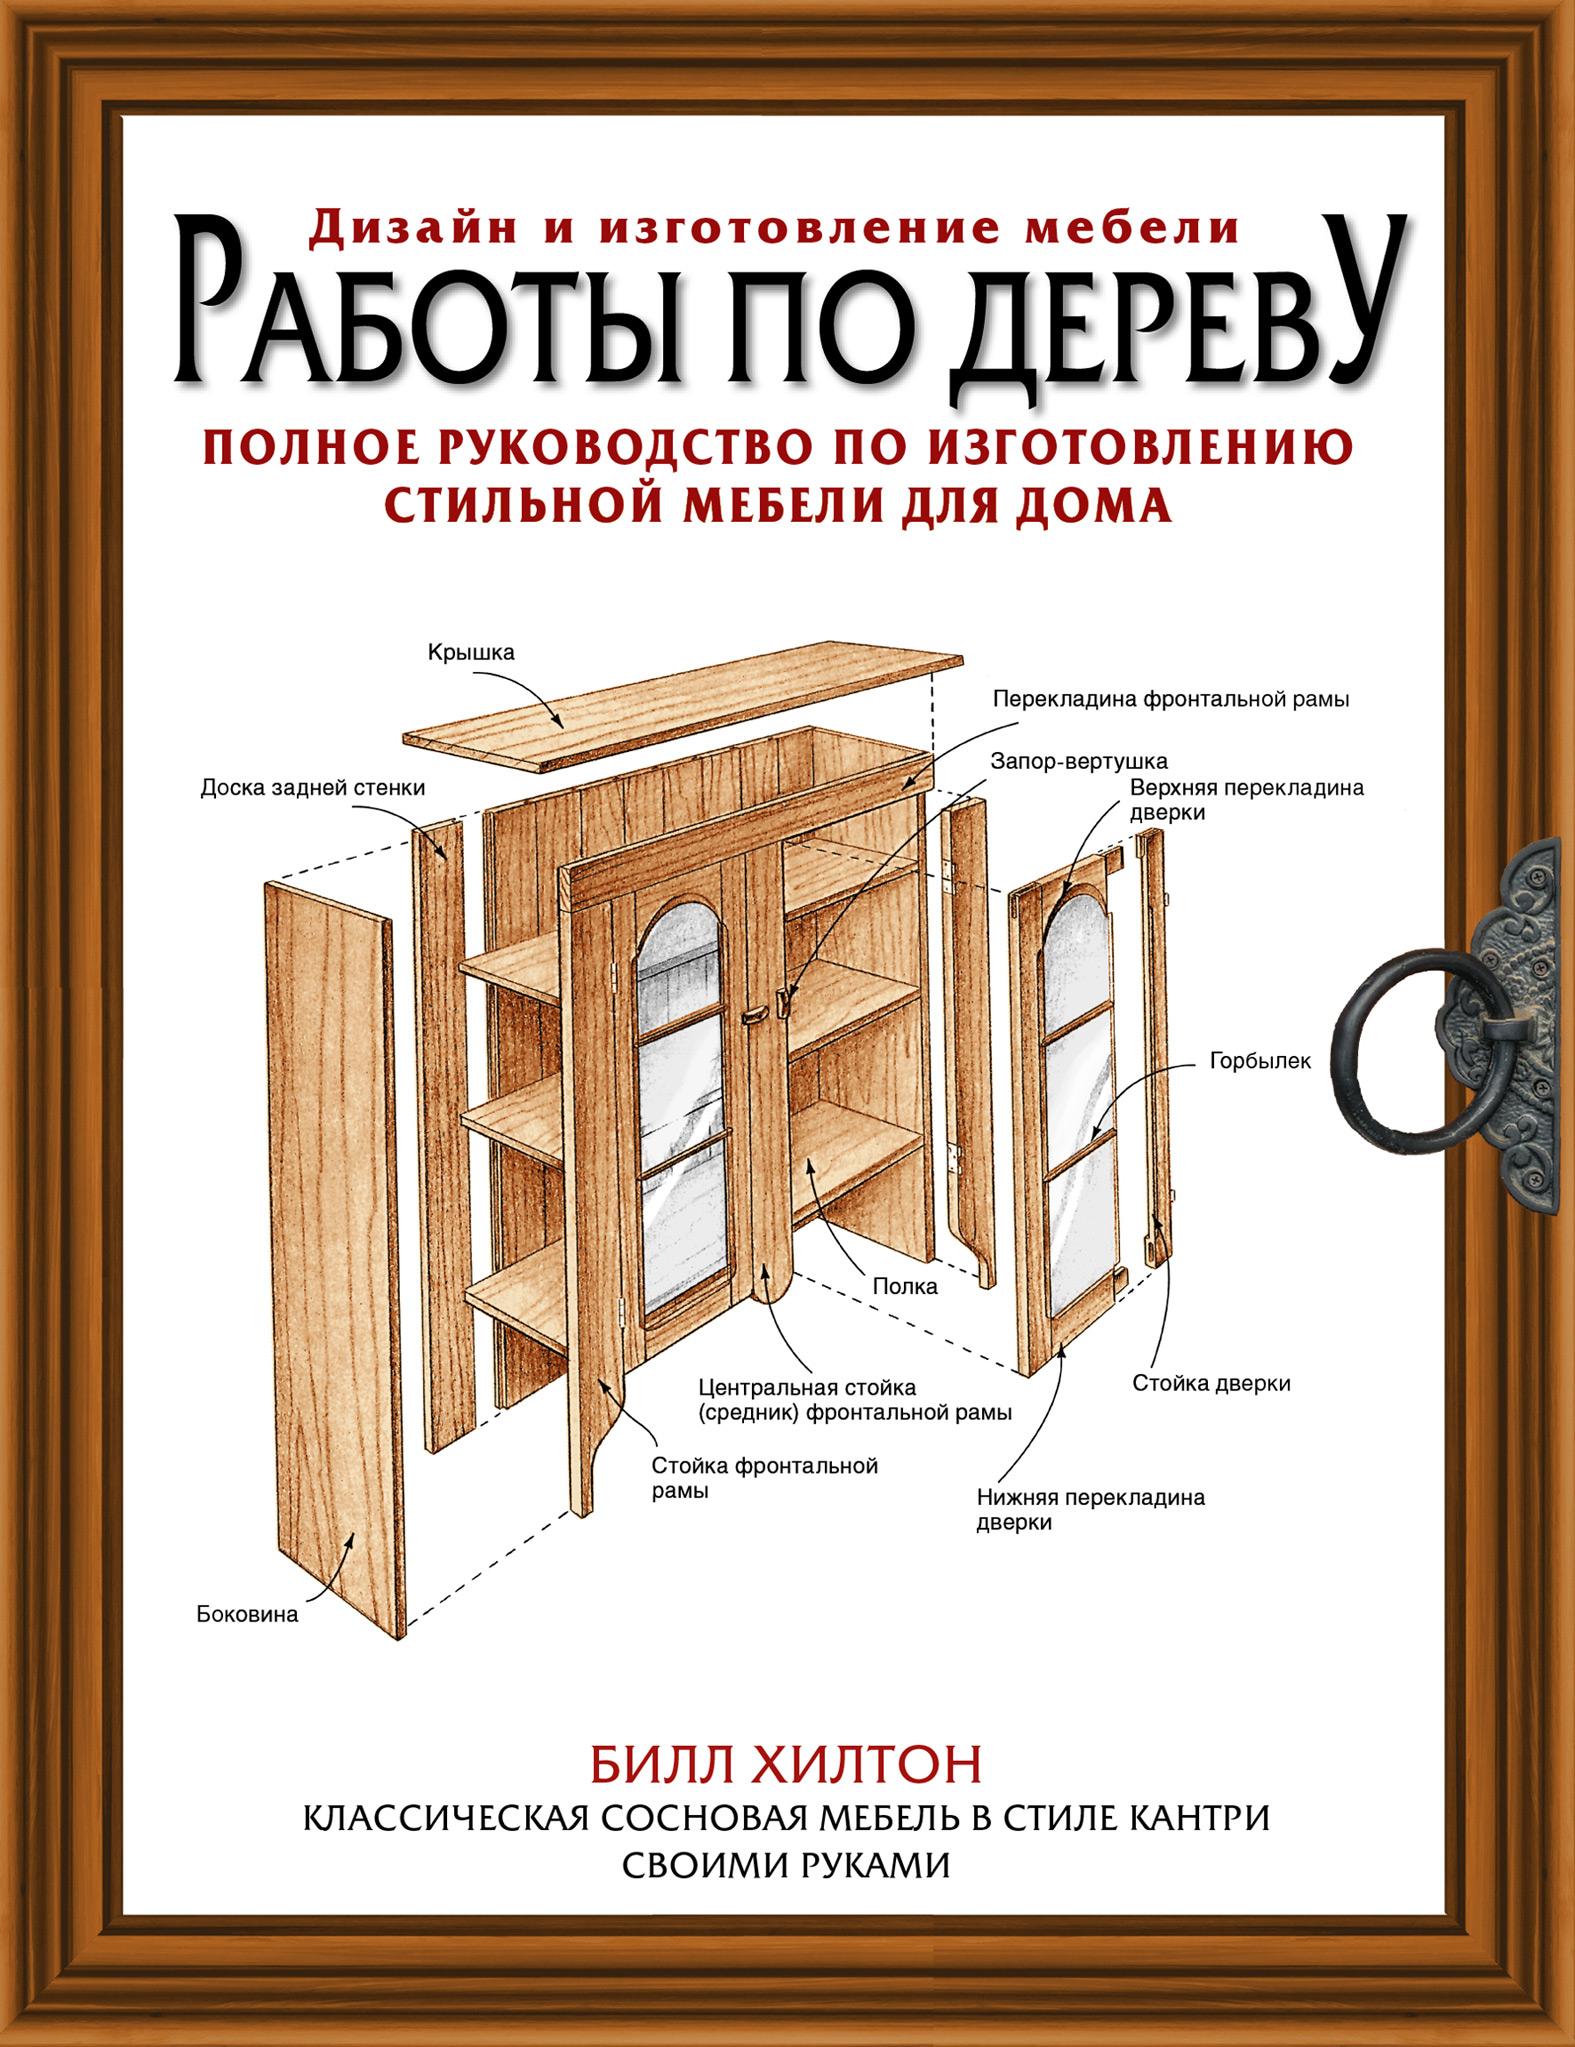 Билл Хилтон Работы по дереву. Полное руководство по изготовлению стильной мебели хилтон билл работы по дереву полное руководство по изготовлению стильной мебели для дома isbn 978 5 17 097572 3